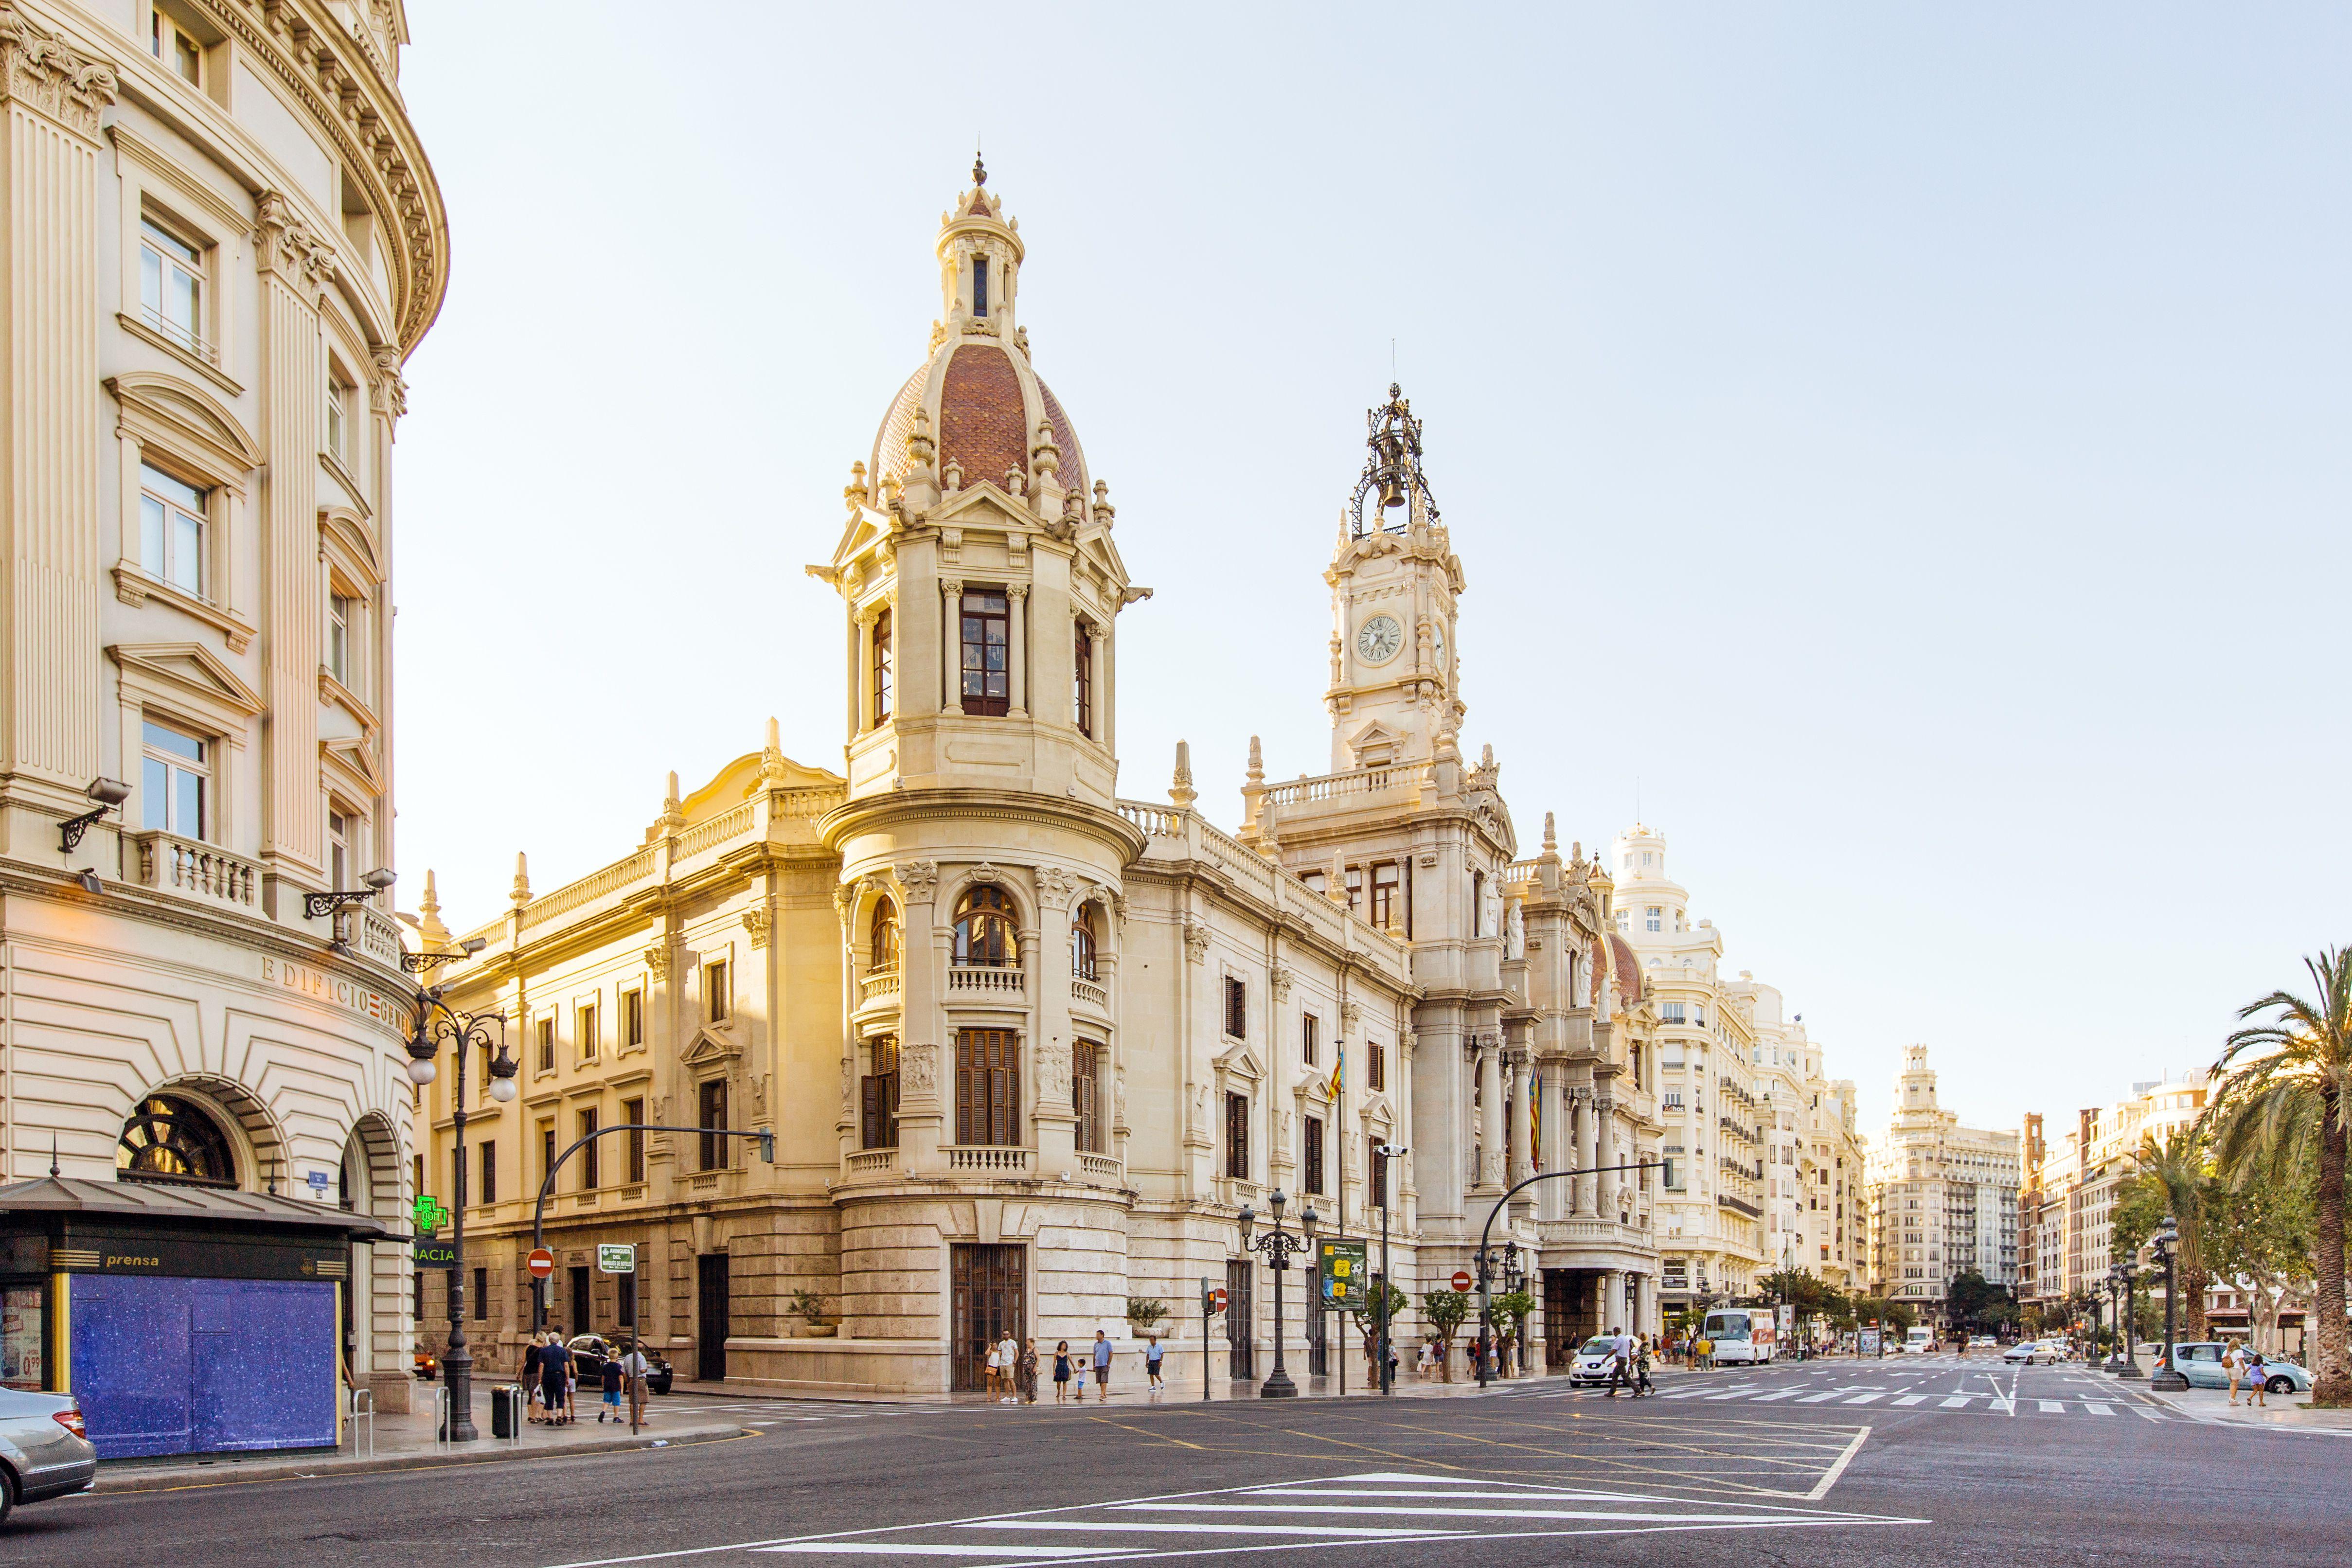 City street with view towards City Hall, Plaza del Ayuntamiento, Valencia, Spain